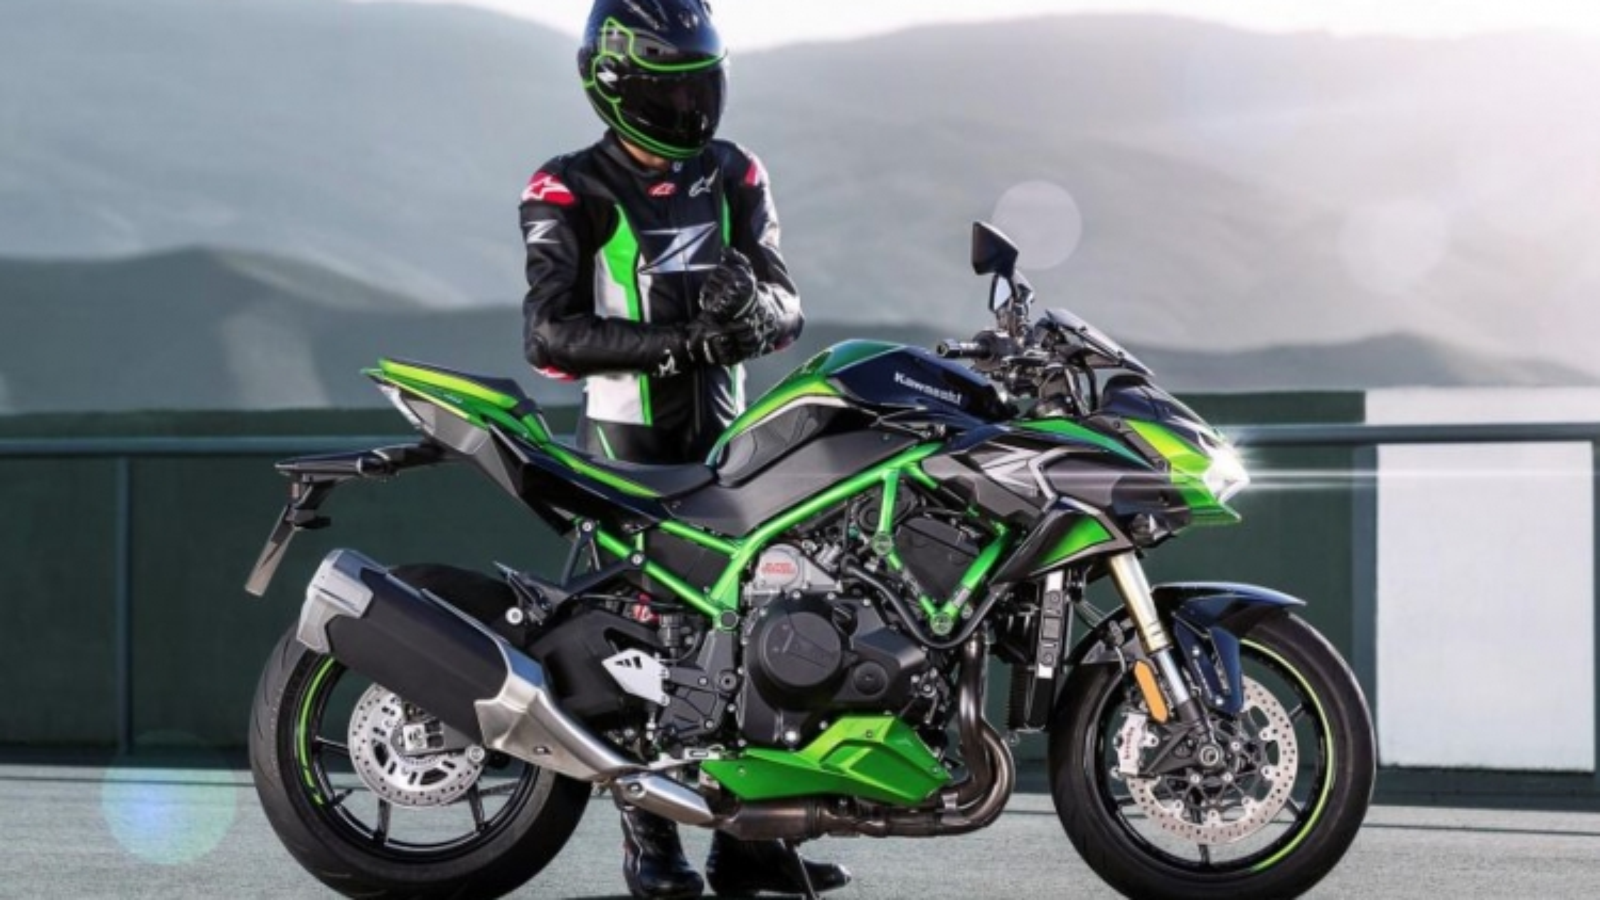 Kawasaki Z H2 SE 2021 trang bị hệ thống treo điện tử